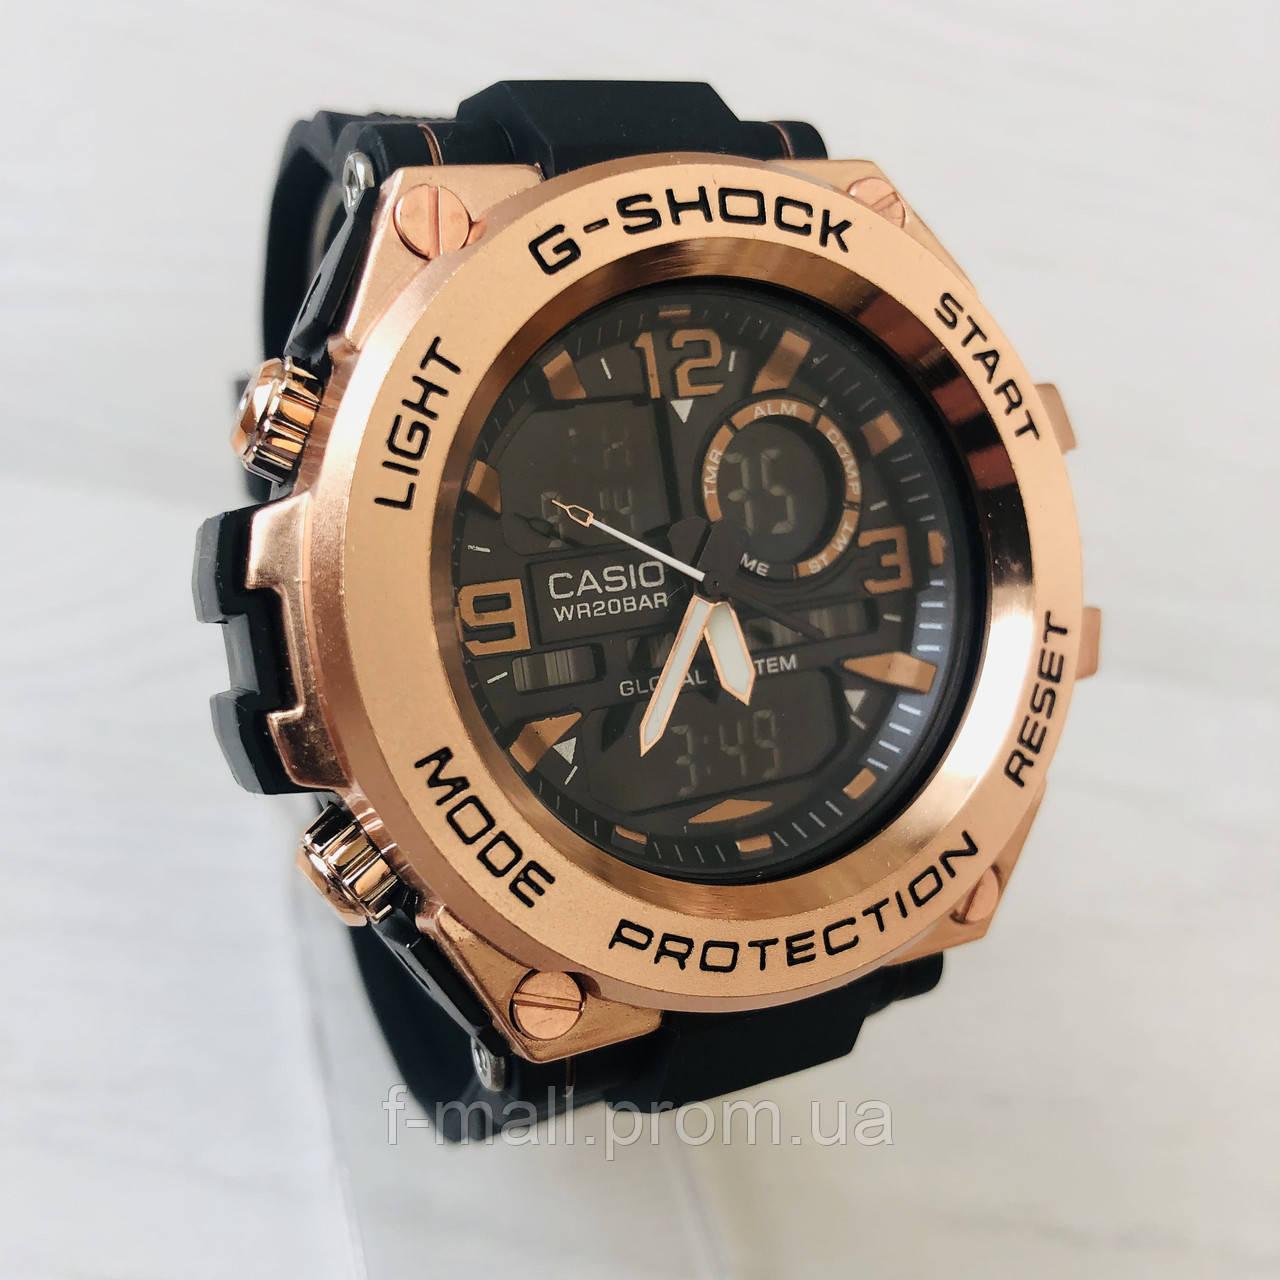 Мужские спортивные наручные часы Casio G-Shock (реплика) черный ремешок золотой циферблат